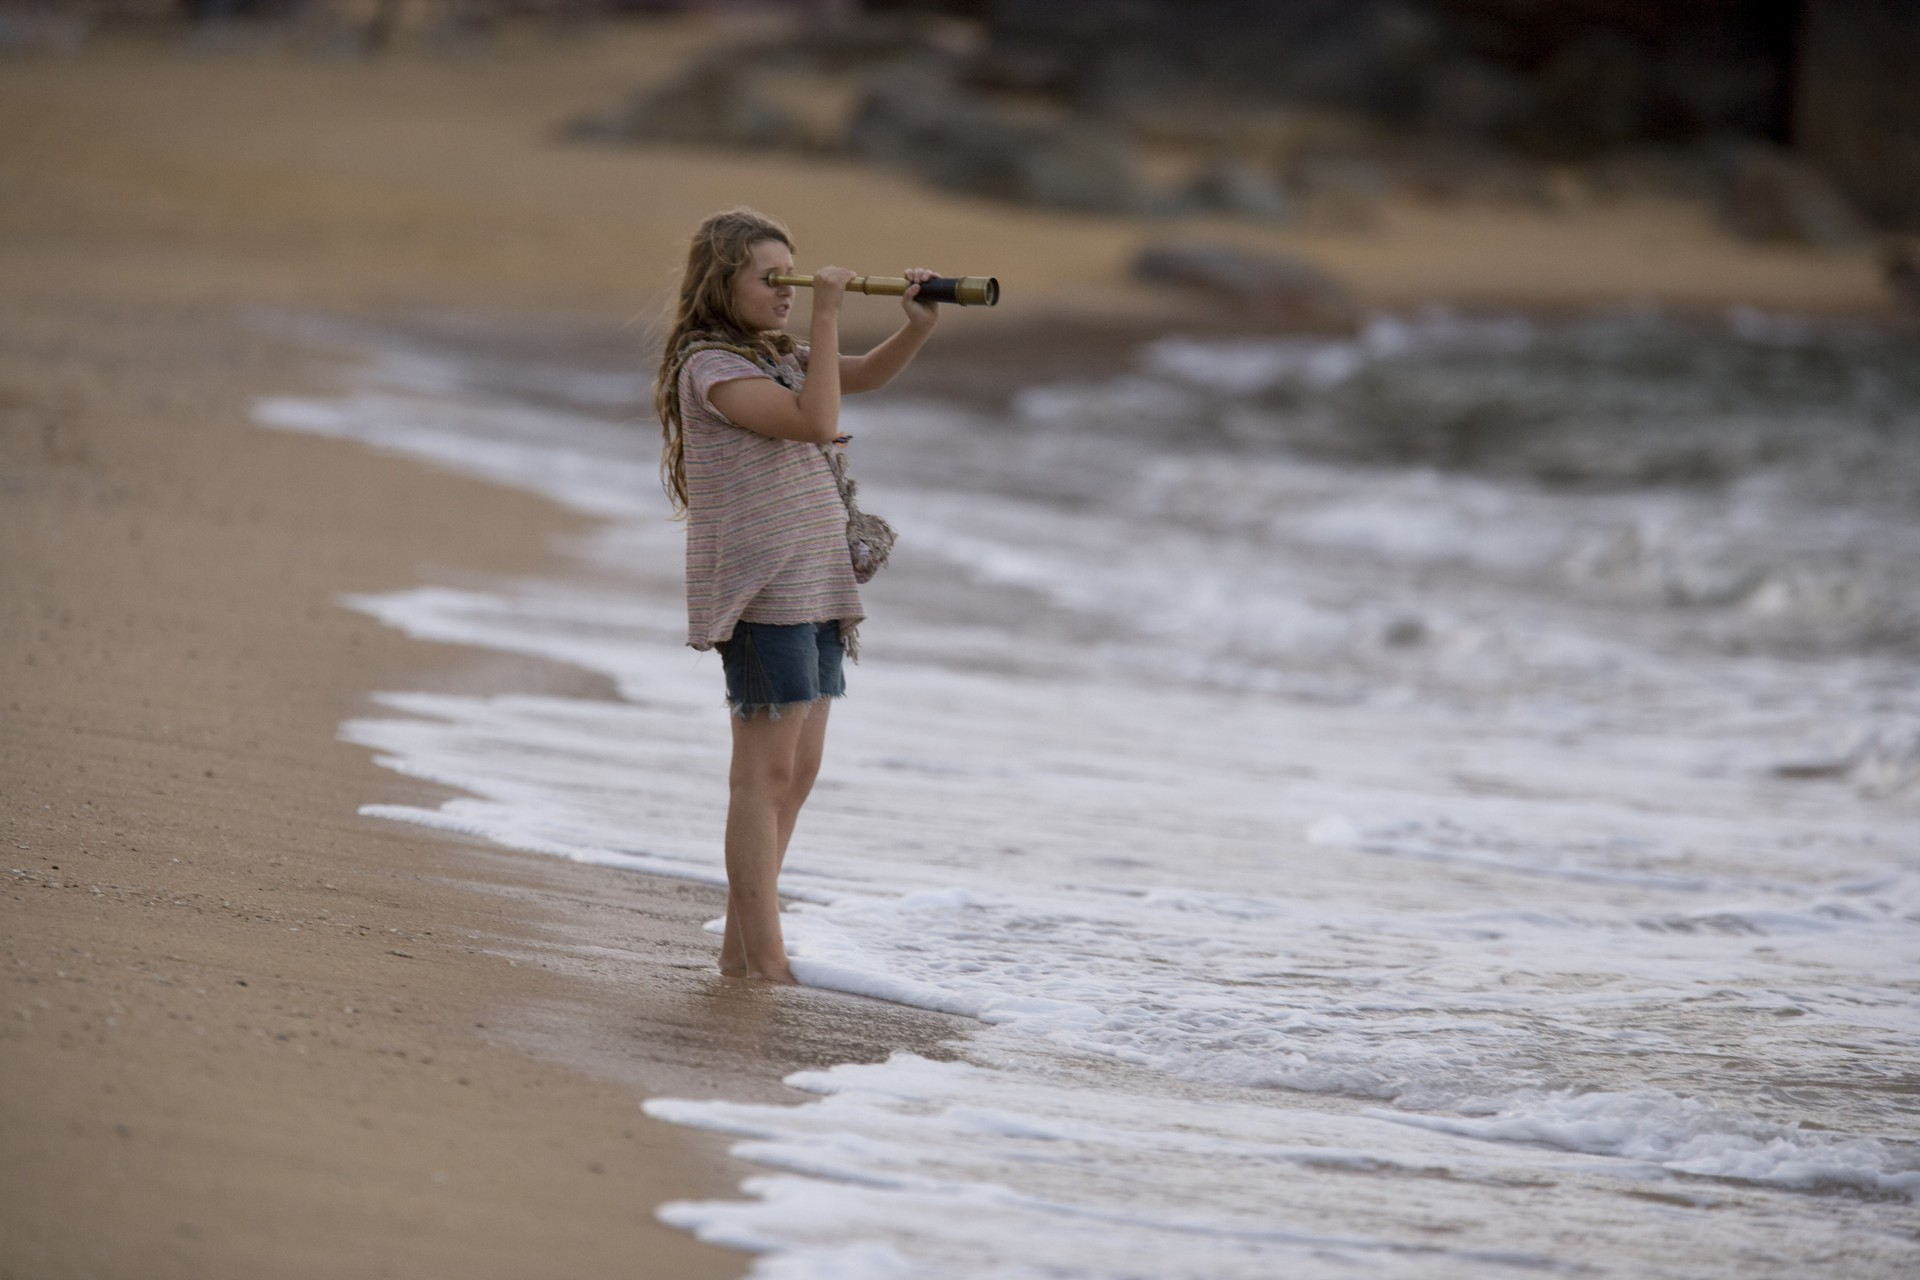 только девушки фильмы о девушках на море рядом лежал другой